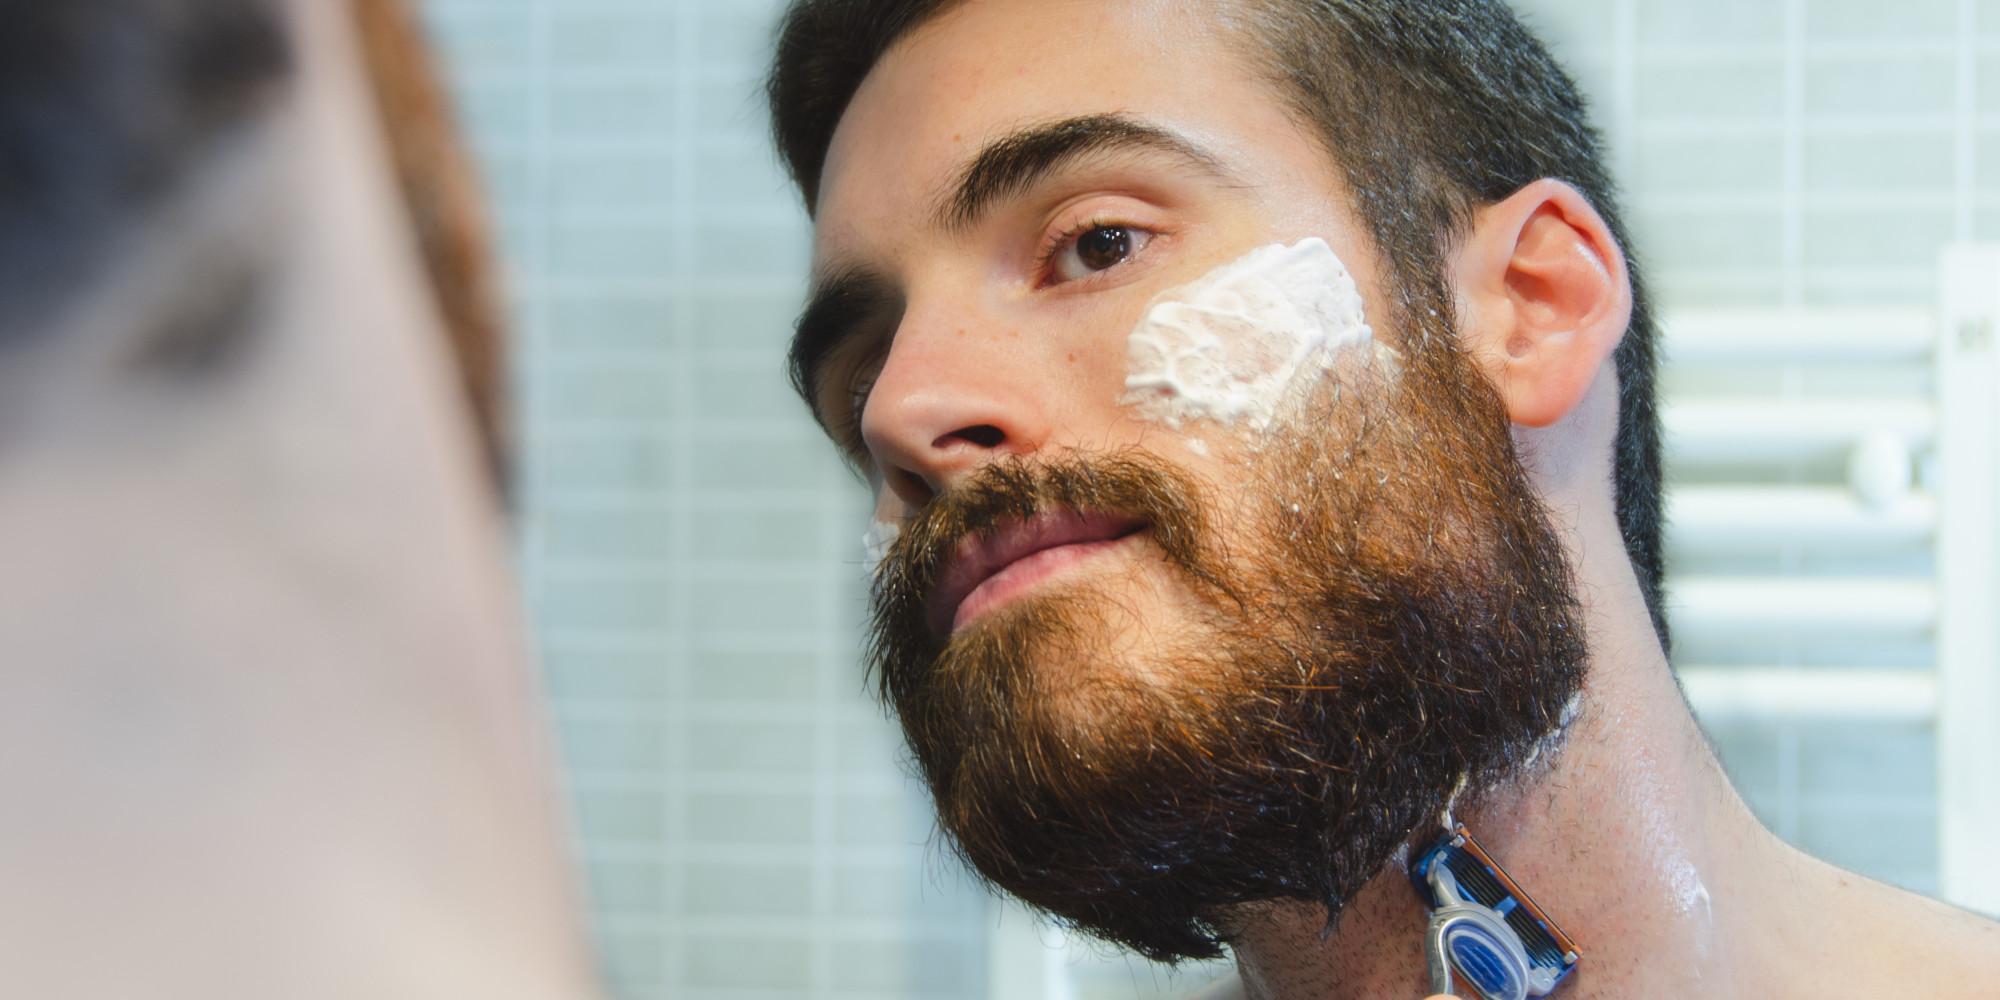 Густая борода в домашних условиях 160